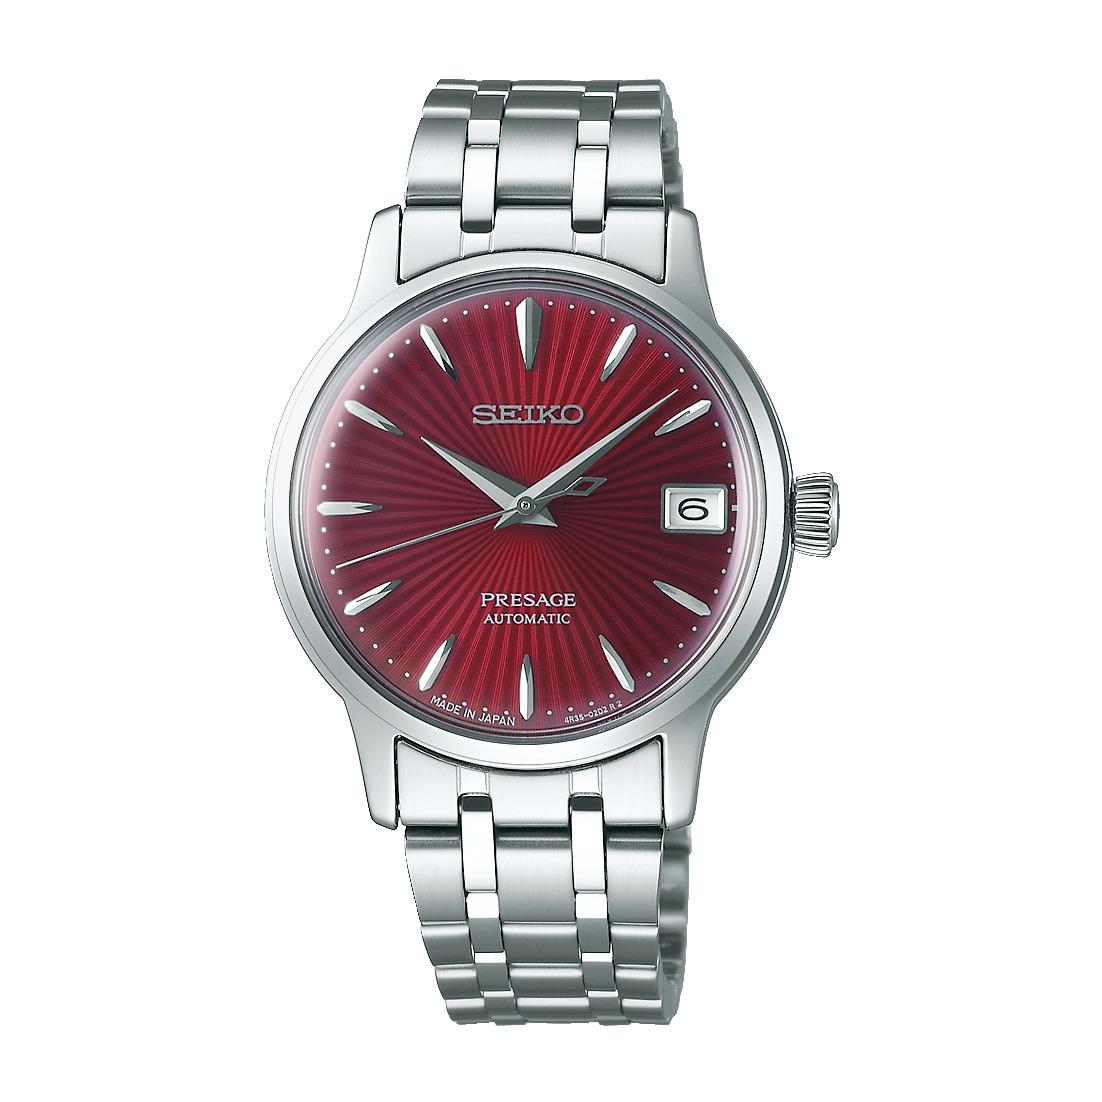 正規品 SEIKO PRESAGE セイコープレザージュ SRRY027 ベーシックライン キール・ロワイアル 腕時計